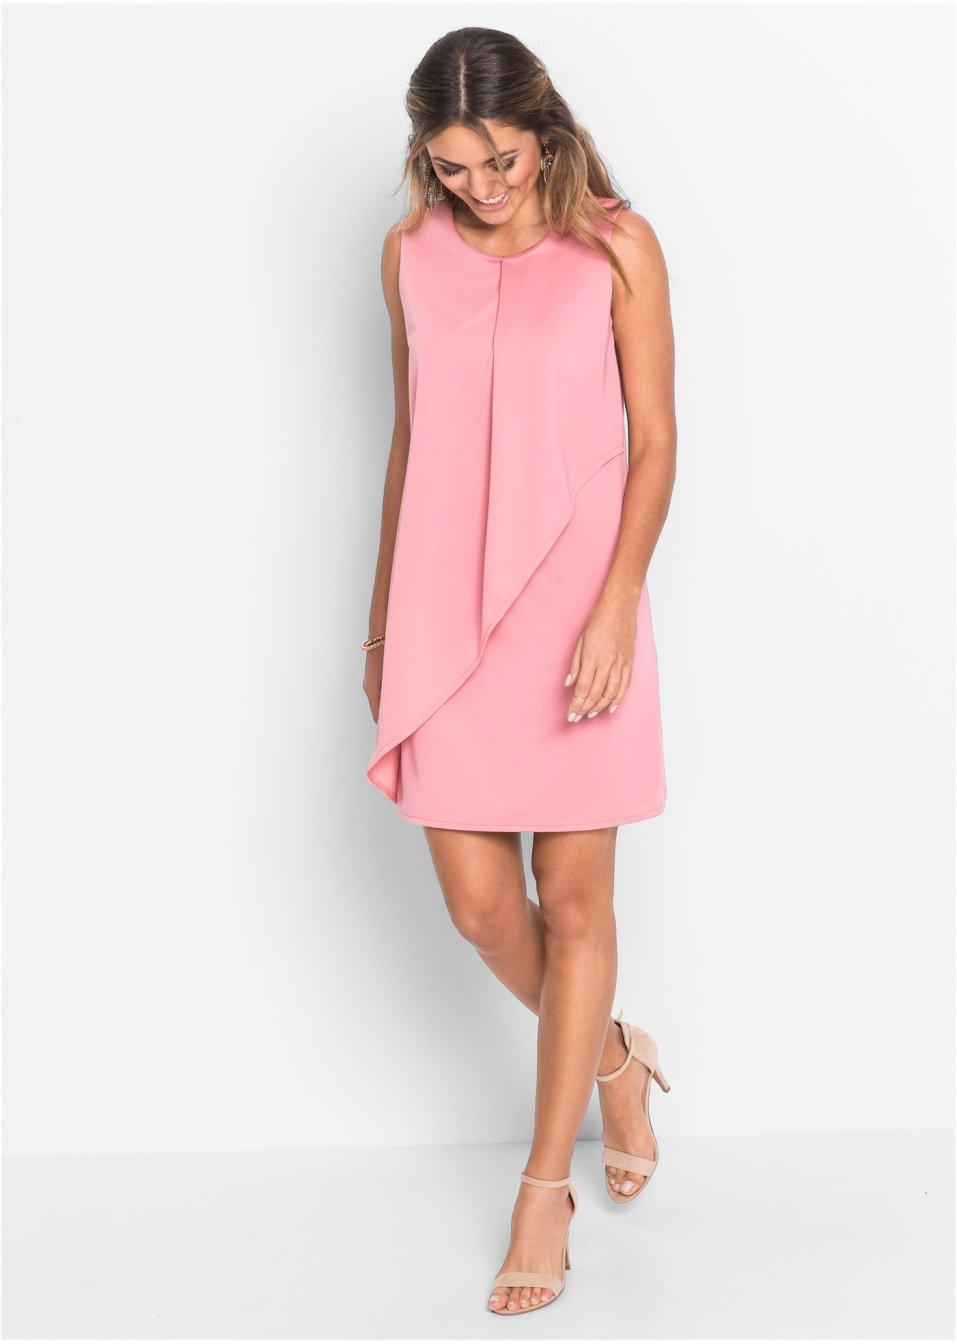 Žerzejové šaty s volánem kouřově růžová - Žena - BODYFLIRT - bonprix.cz 5e9708d80b